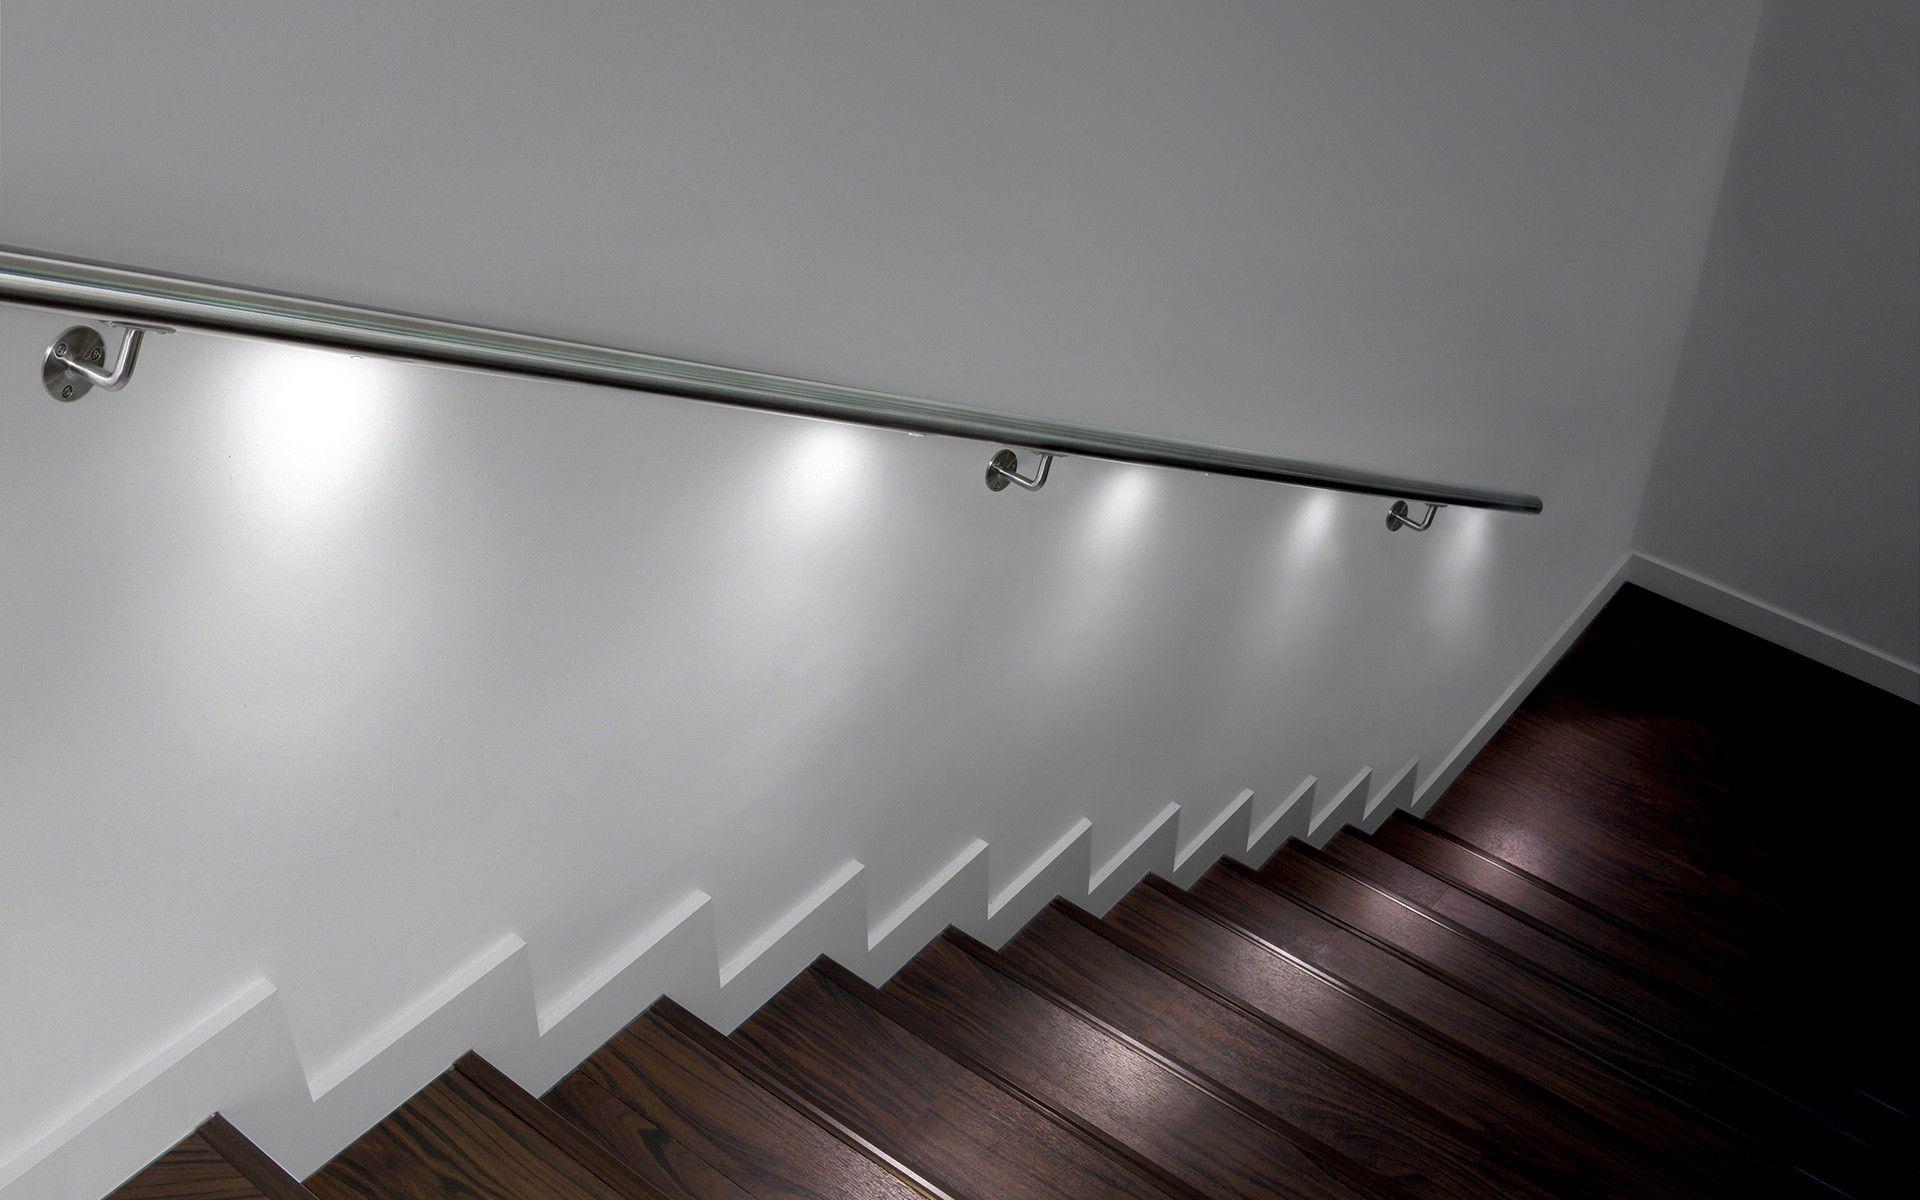 Escalier en bois avec LED blanches dans la main courante. Idée ...